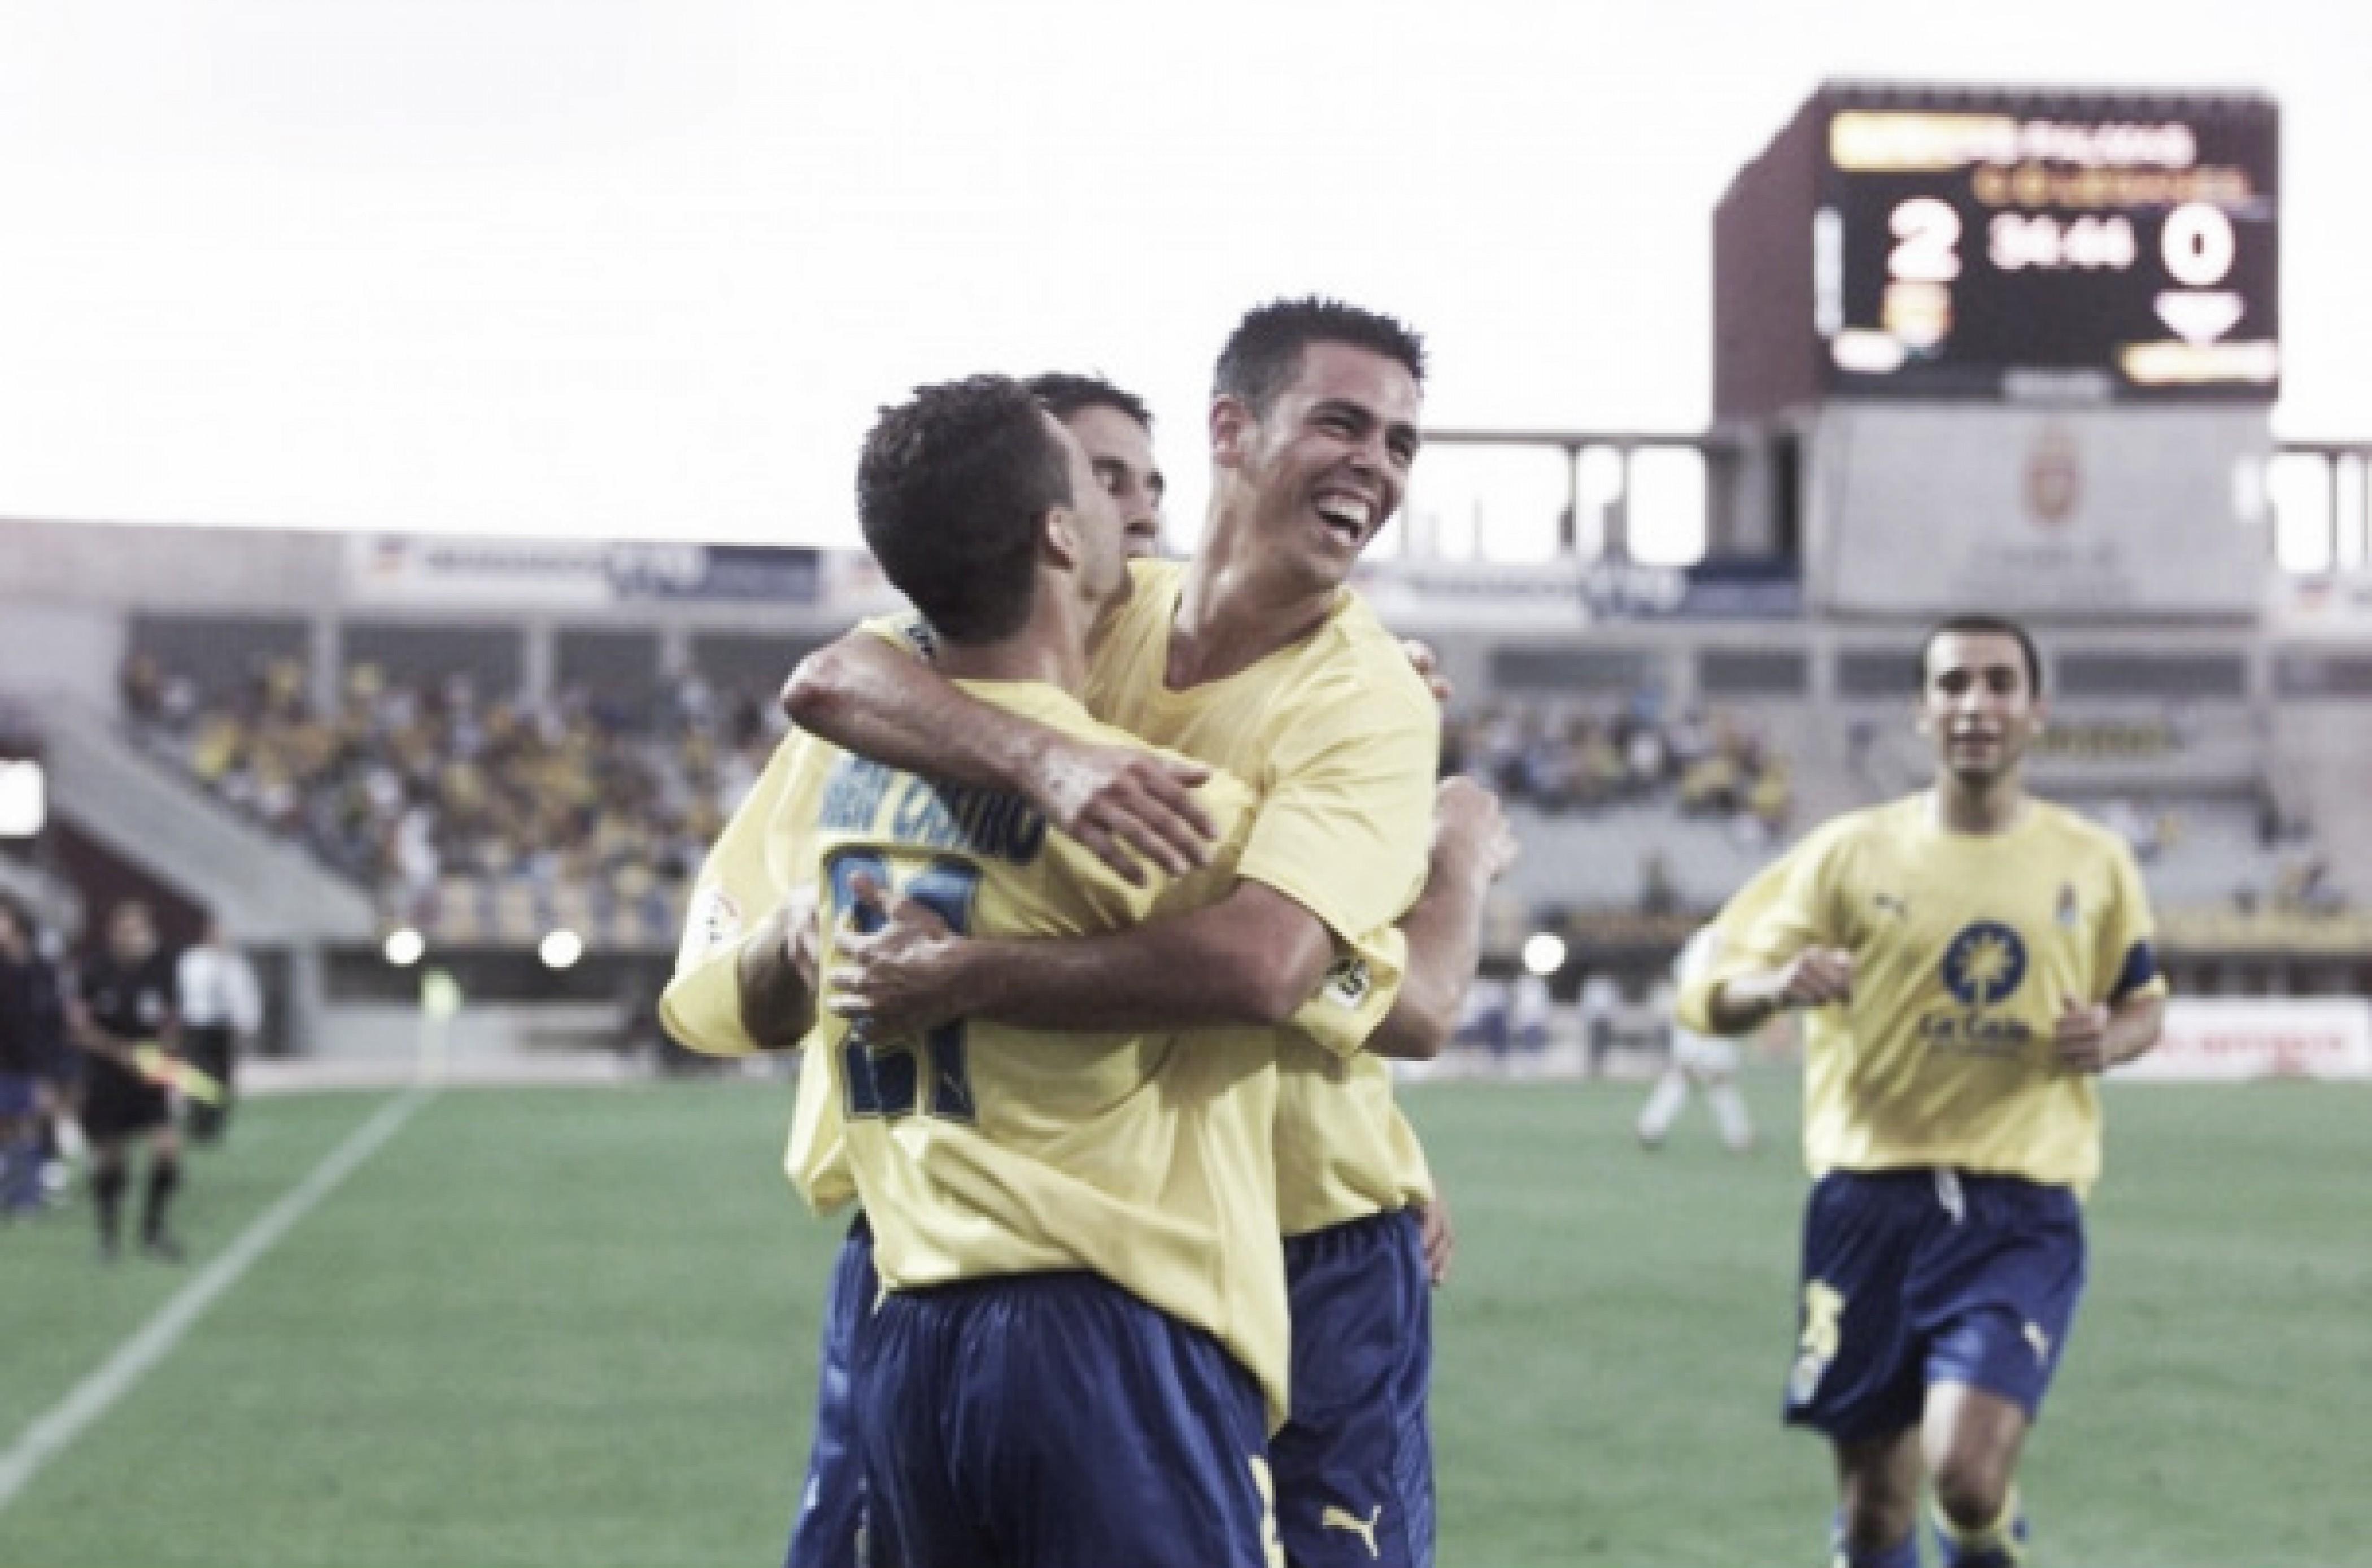 Jugadores de la UD celebran el segundo tanto logrado en aquel encuentro. Imagen: udlaspalmas.es